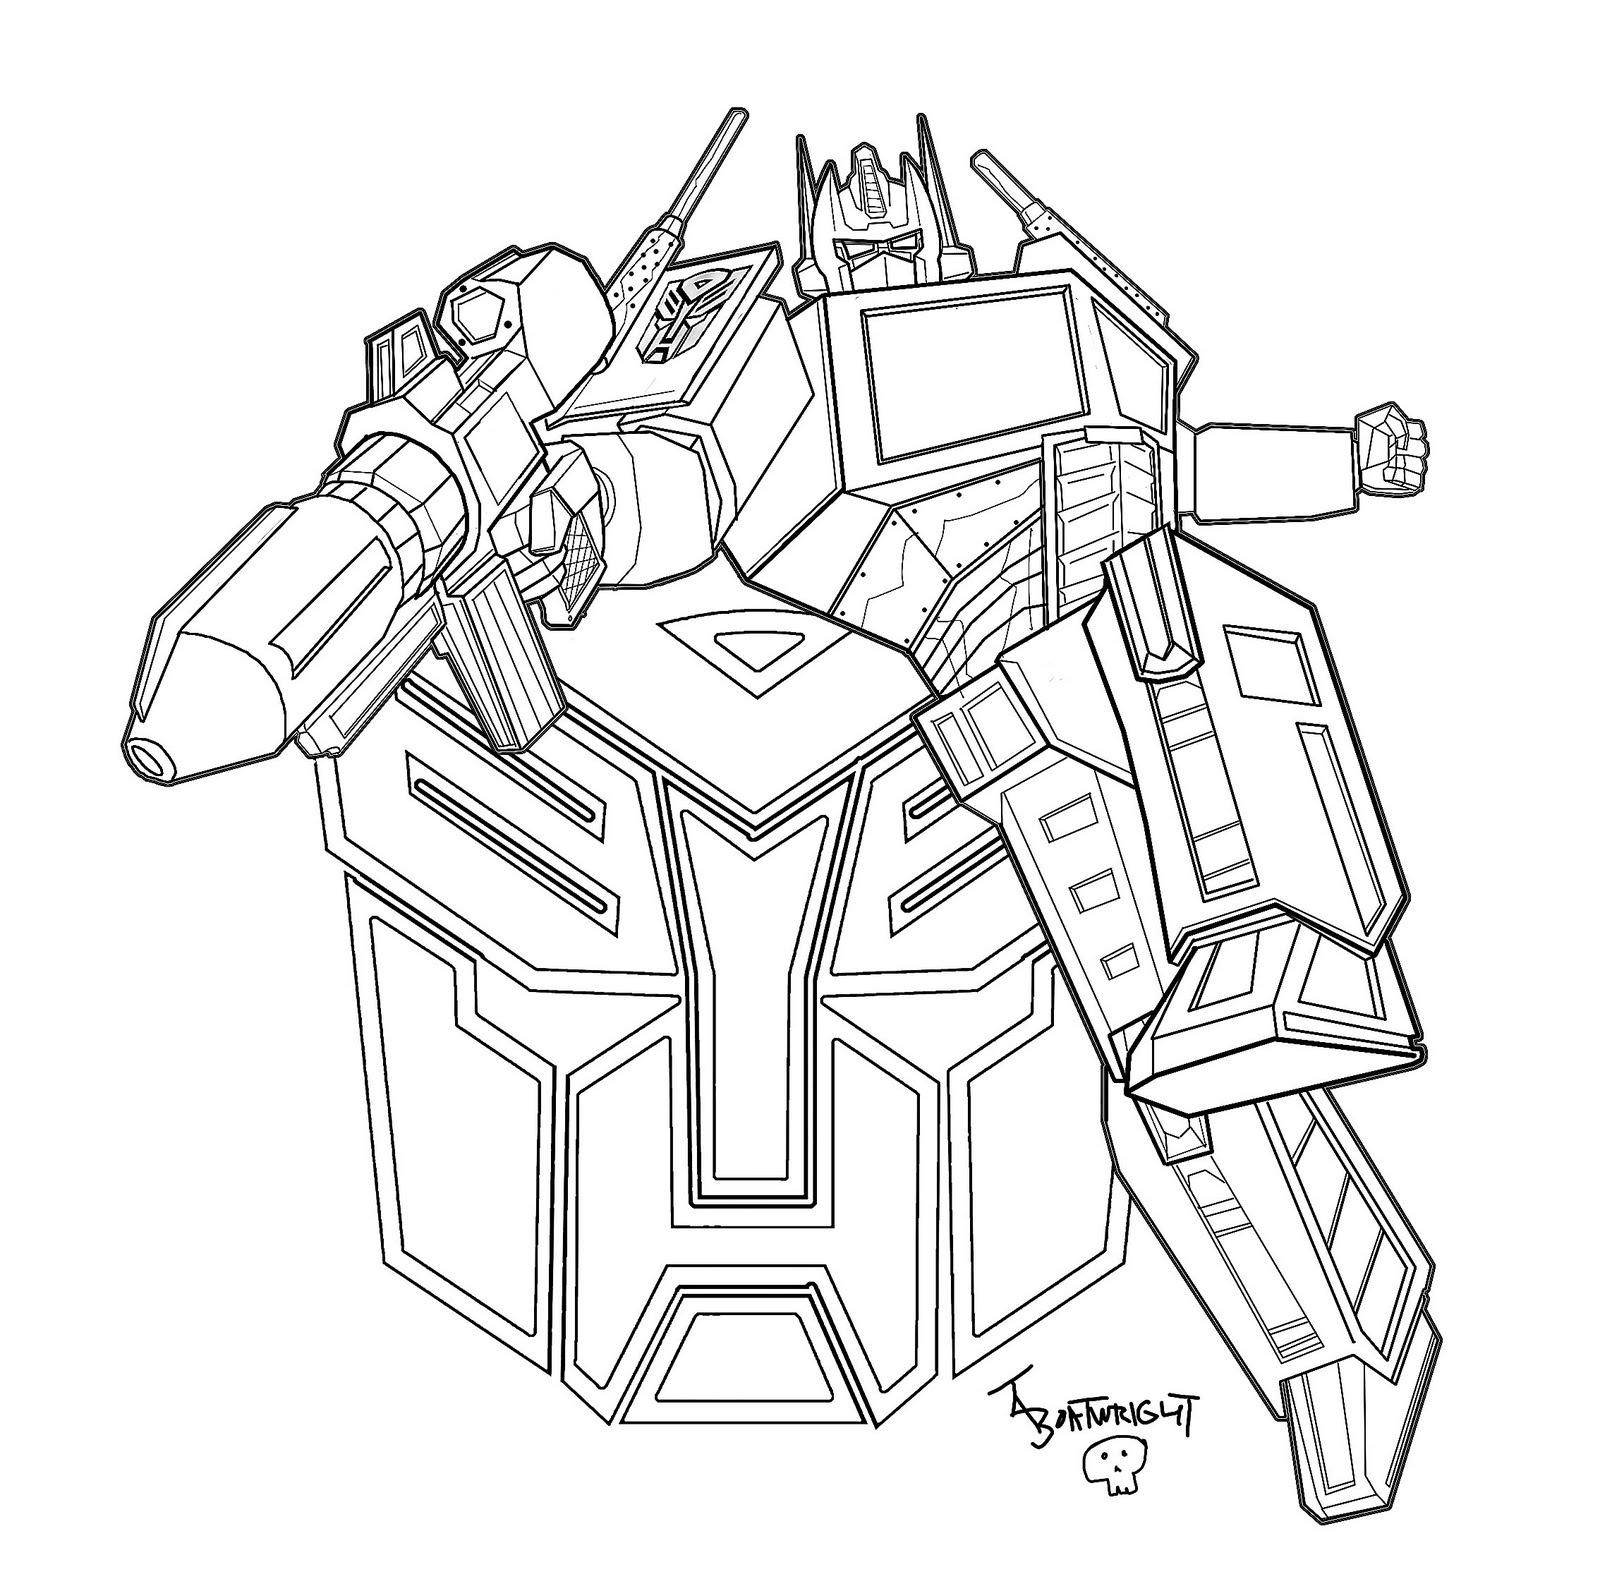 Transformers Desenhos Para Imprimir Colorir E Pintar Dos Autobots E